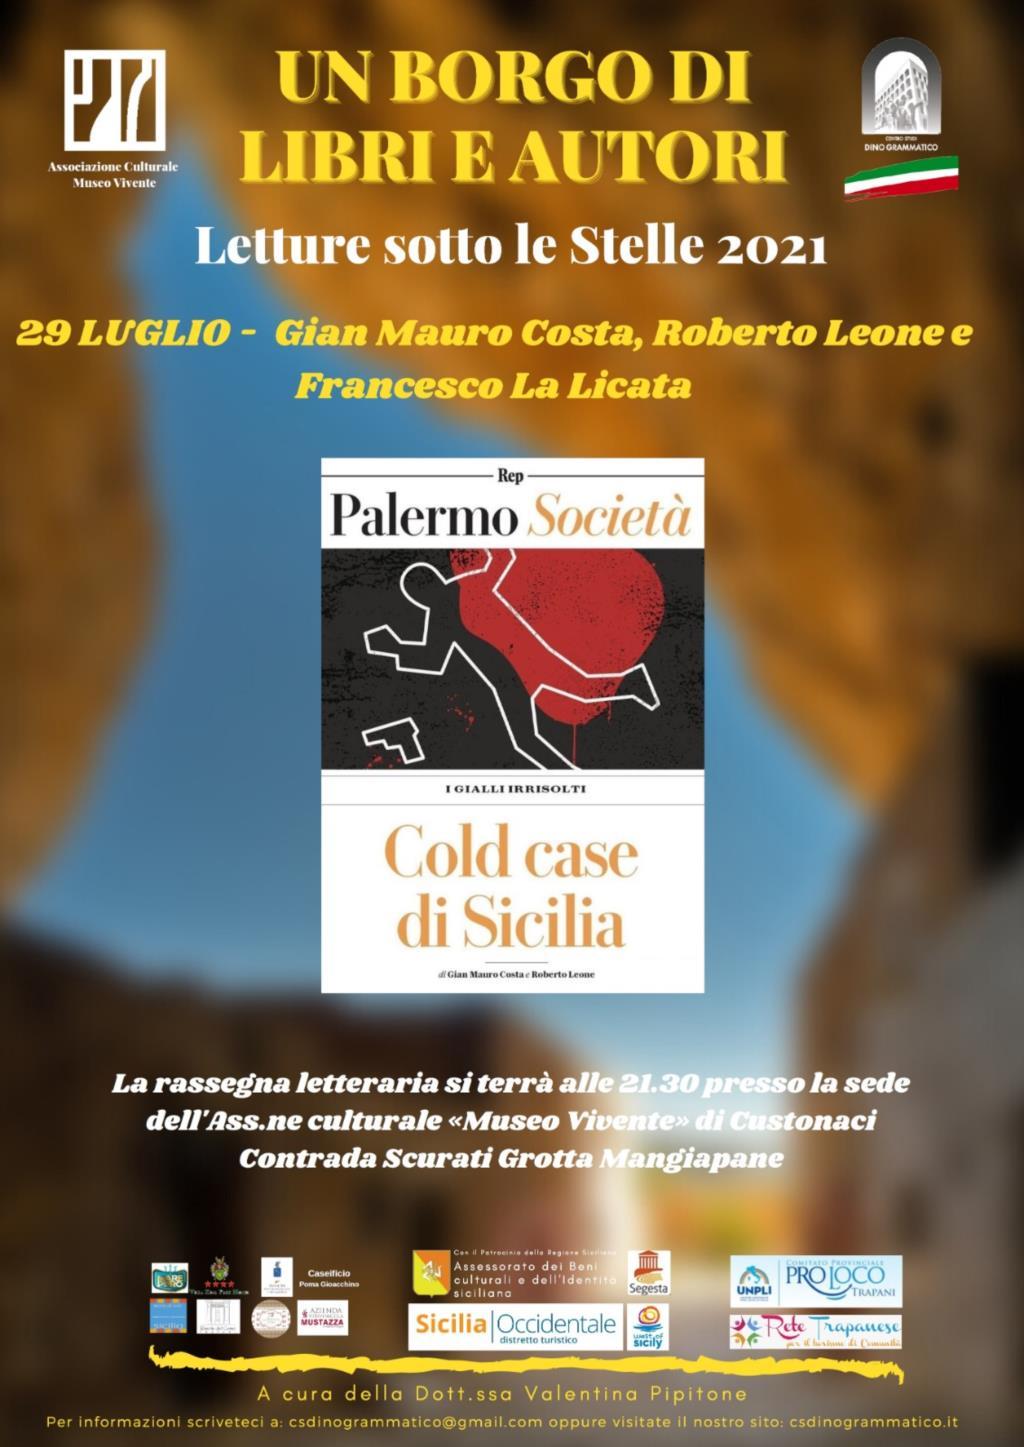 Un Borgo di Libri ed Autori, a Custonaci arrivano i «cold case» di Sicilia